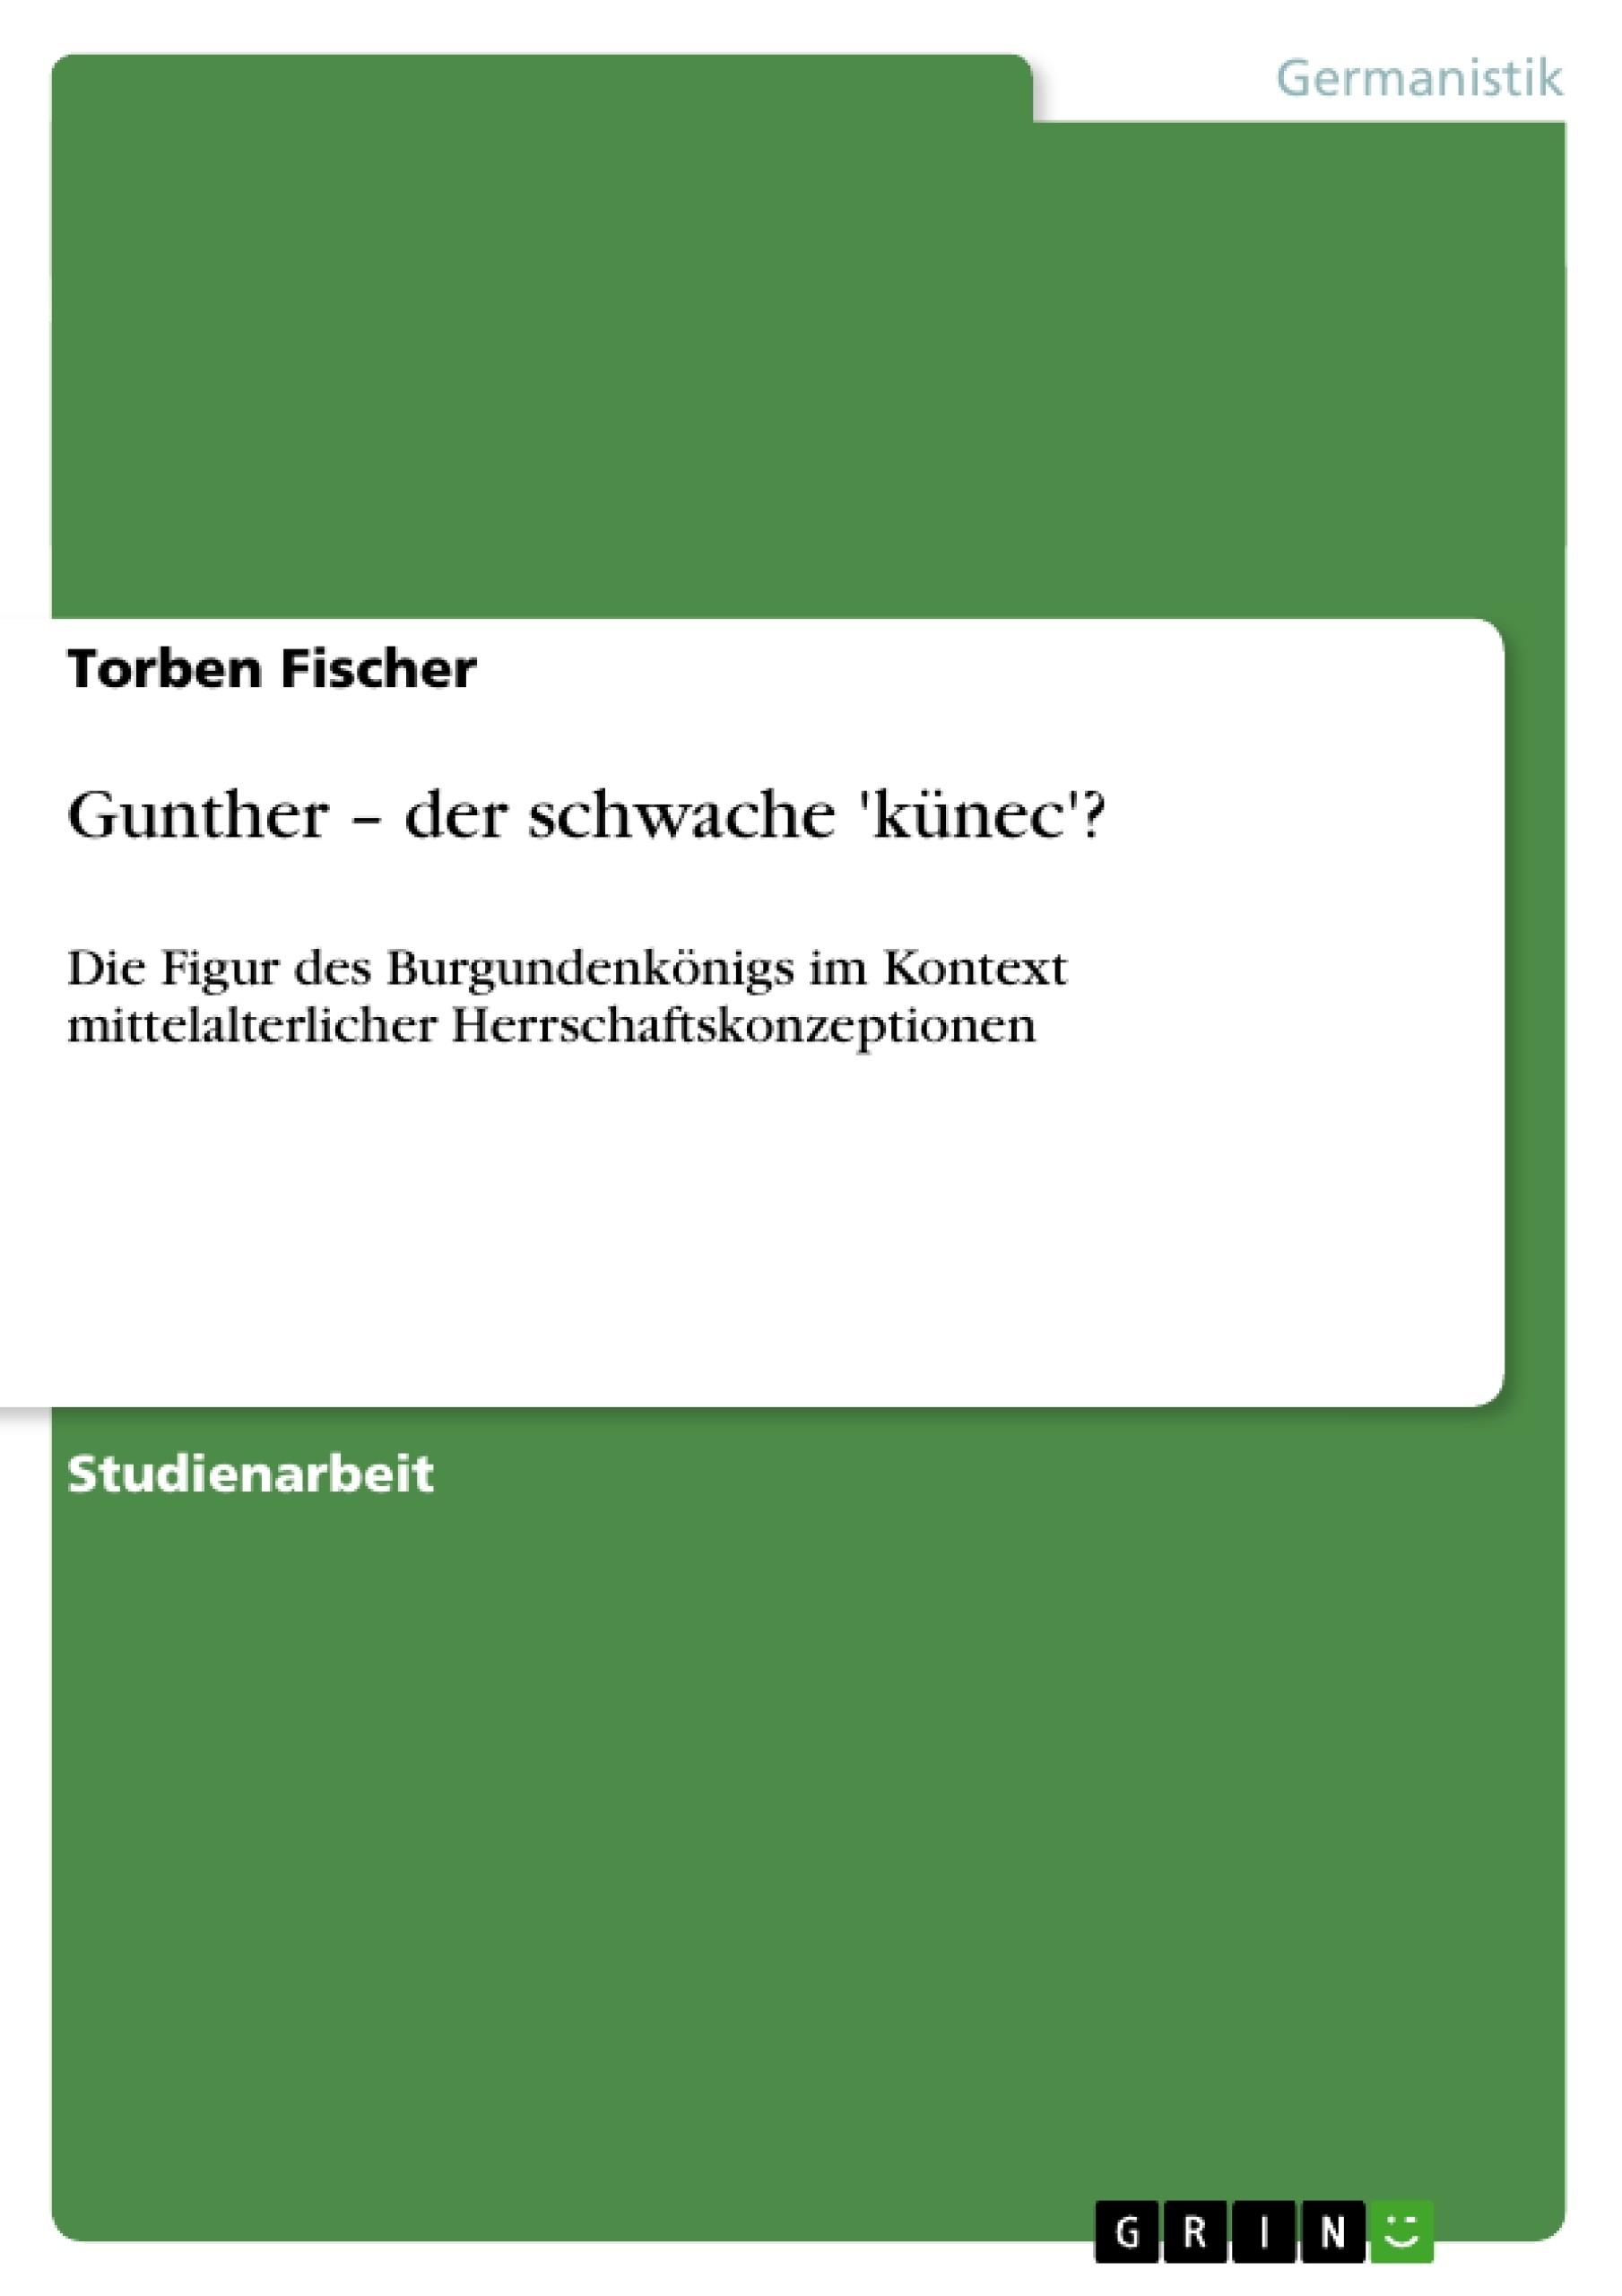 Titel: Gunther – der schwache 'künec'?